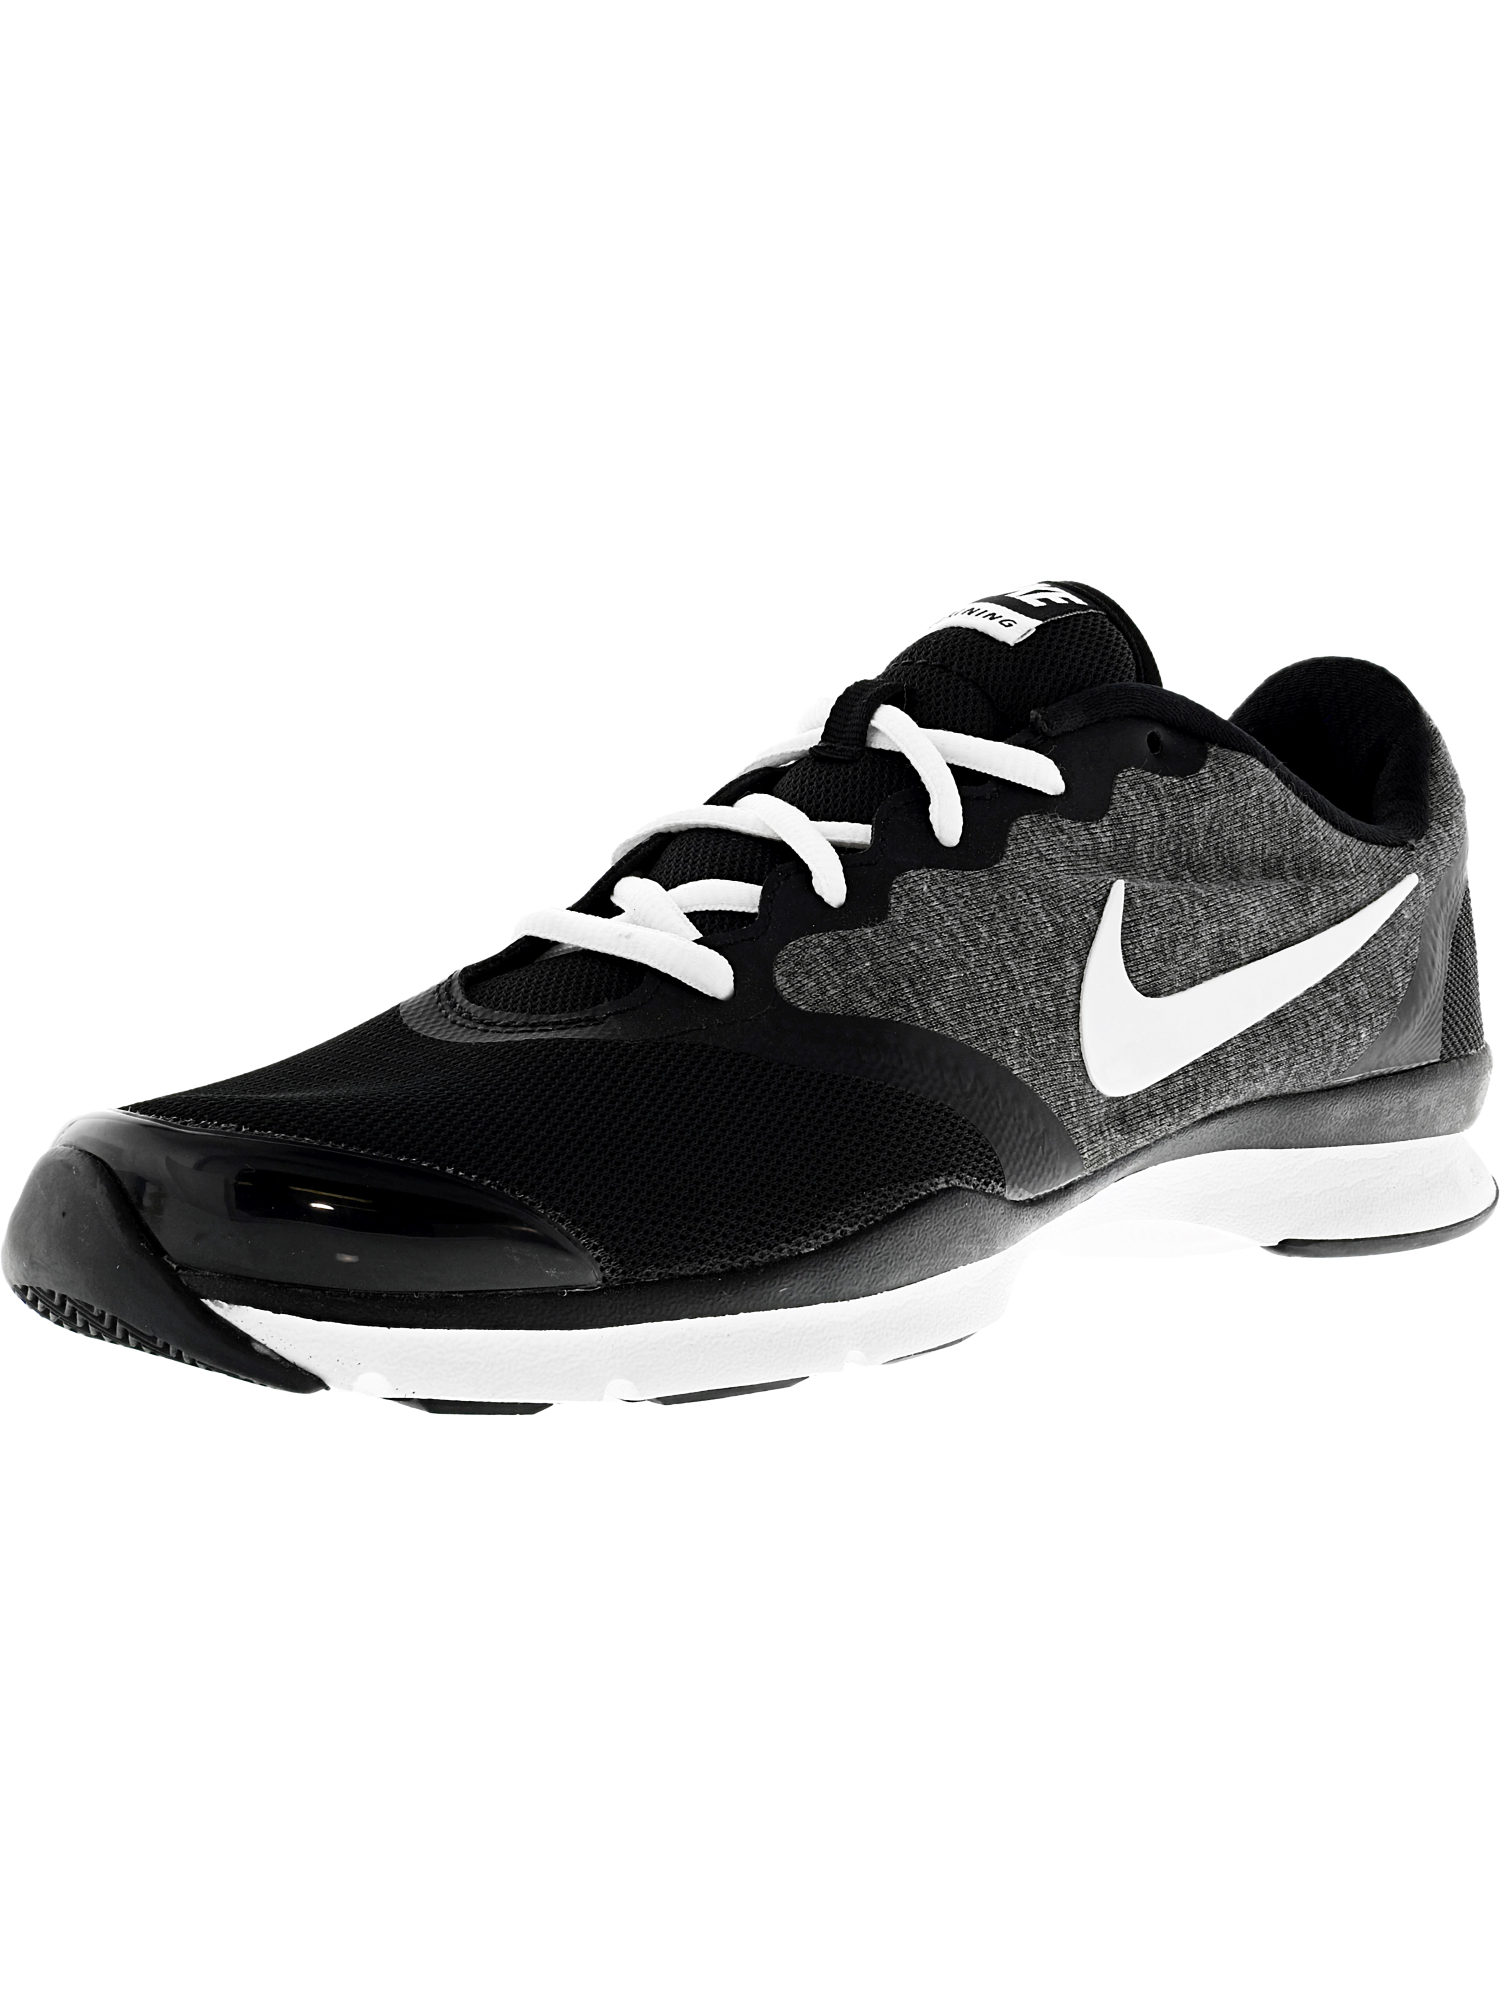 3575b34139fdd Nike Men s Men s Men s 653543 Ankle-High Rubber Running Shoe ba3b33 ...